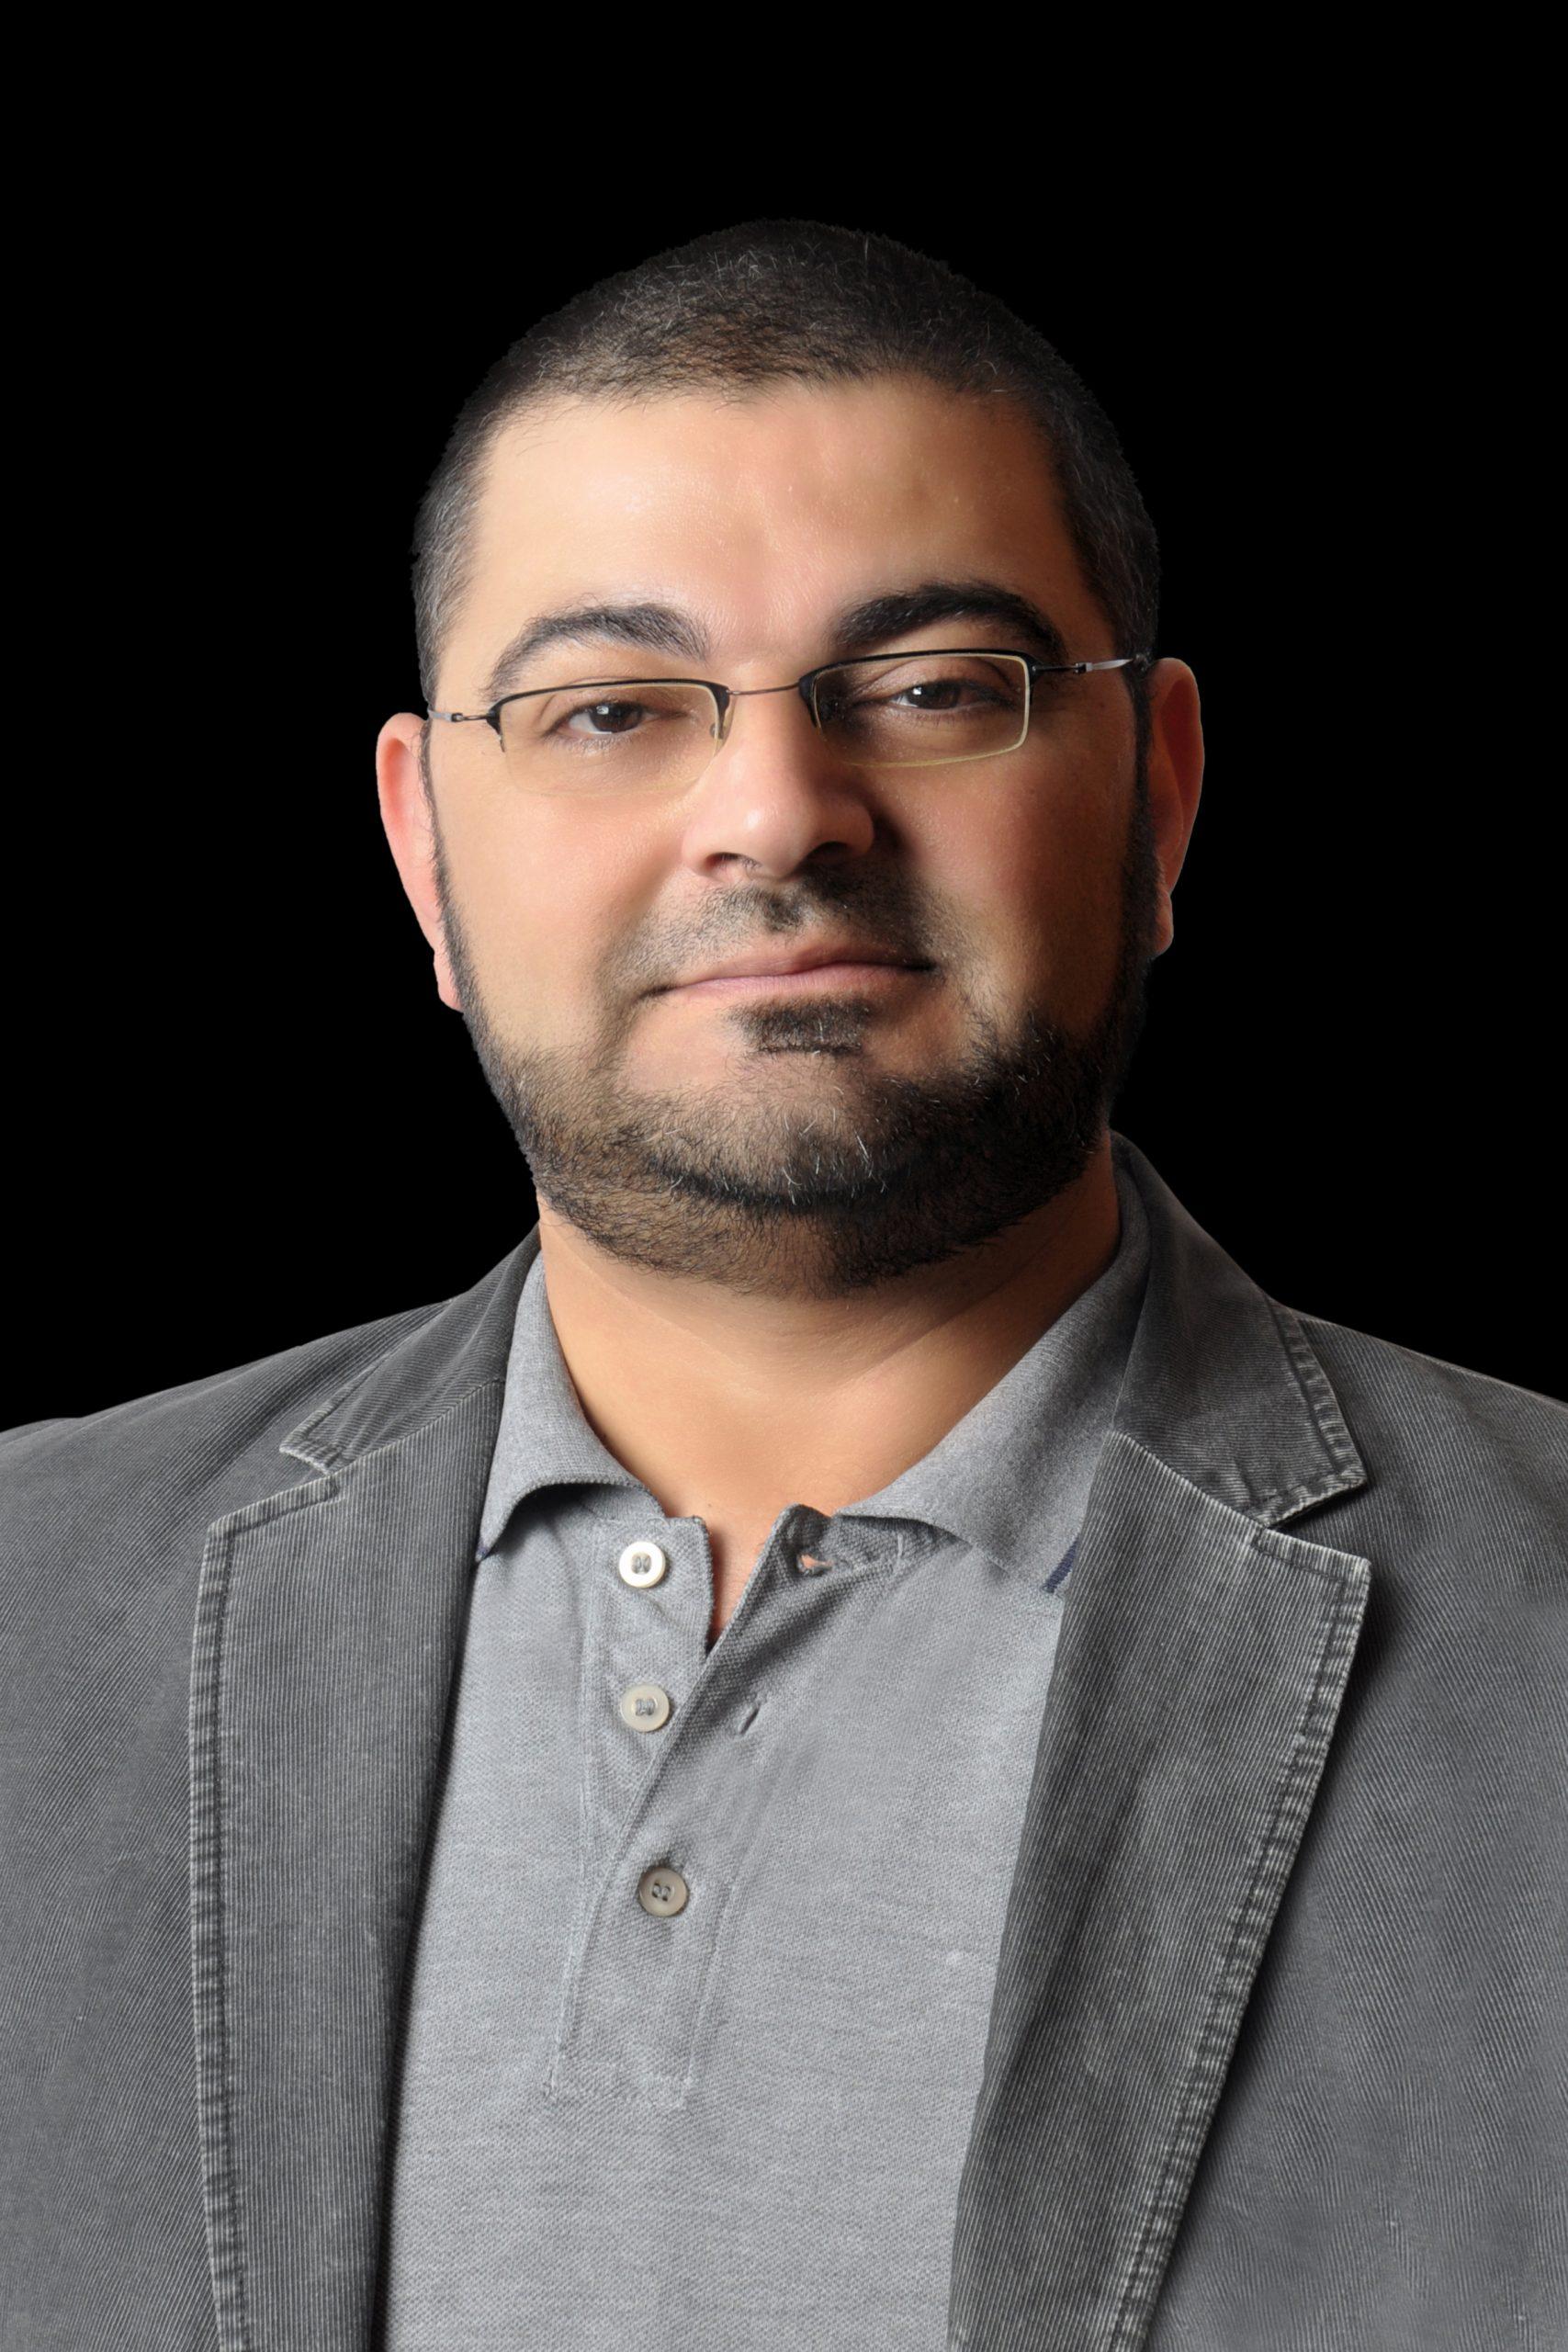 سلسلة كيمياء الصلاة - أحمد خيري العمري